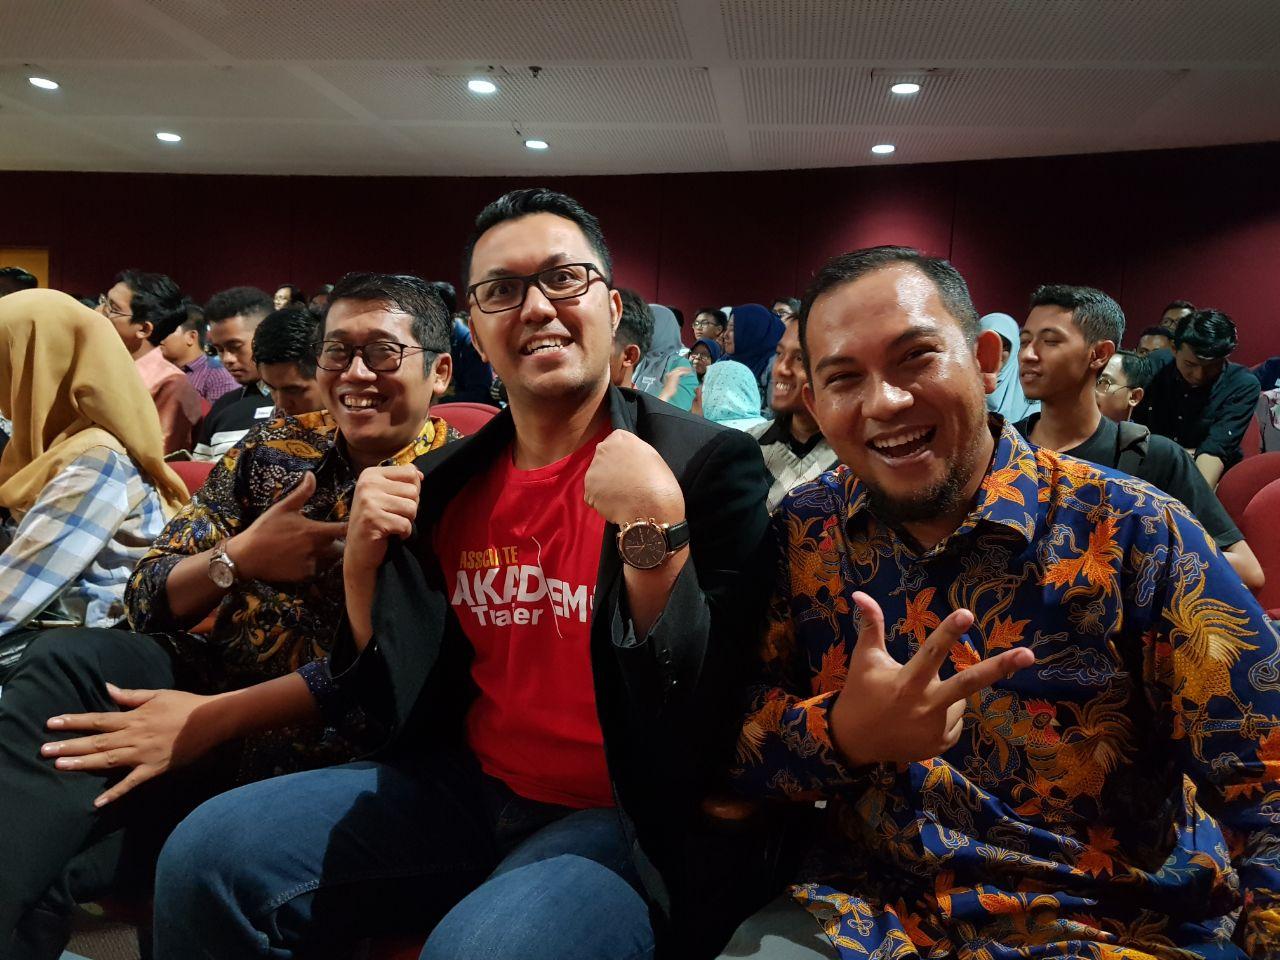 Ubah Indonesia Dengan Bicara - CORPORATE TRAINING INDONESIA